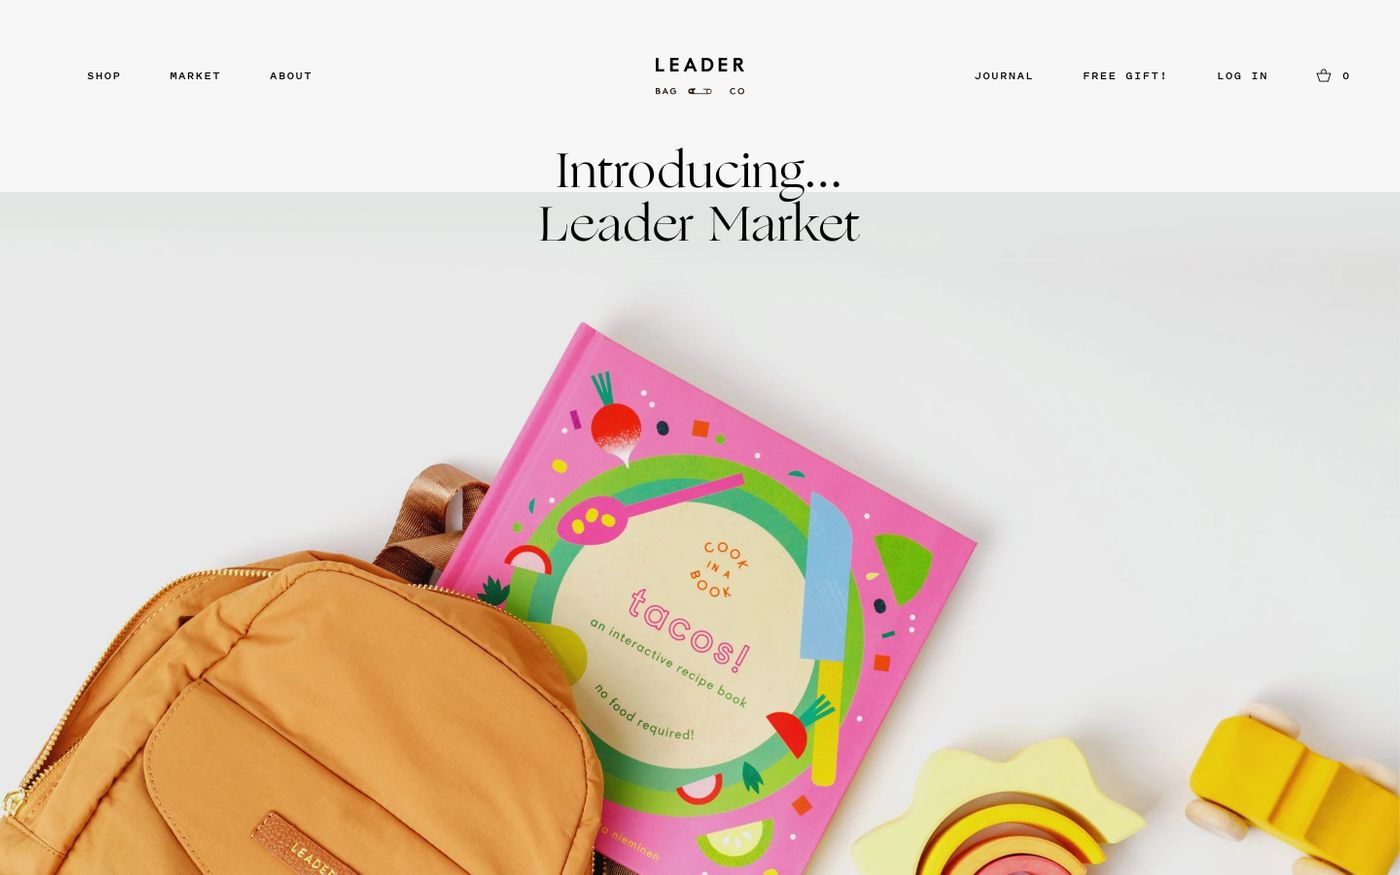 Screenshot of Leader Bag Co. website